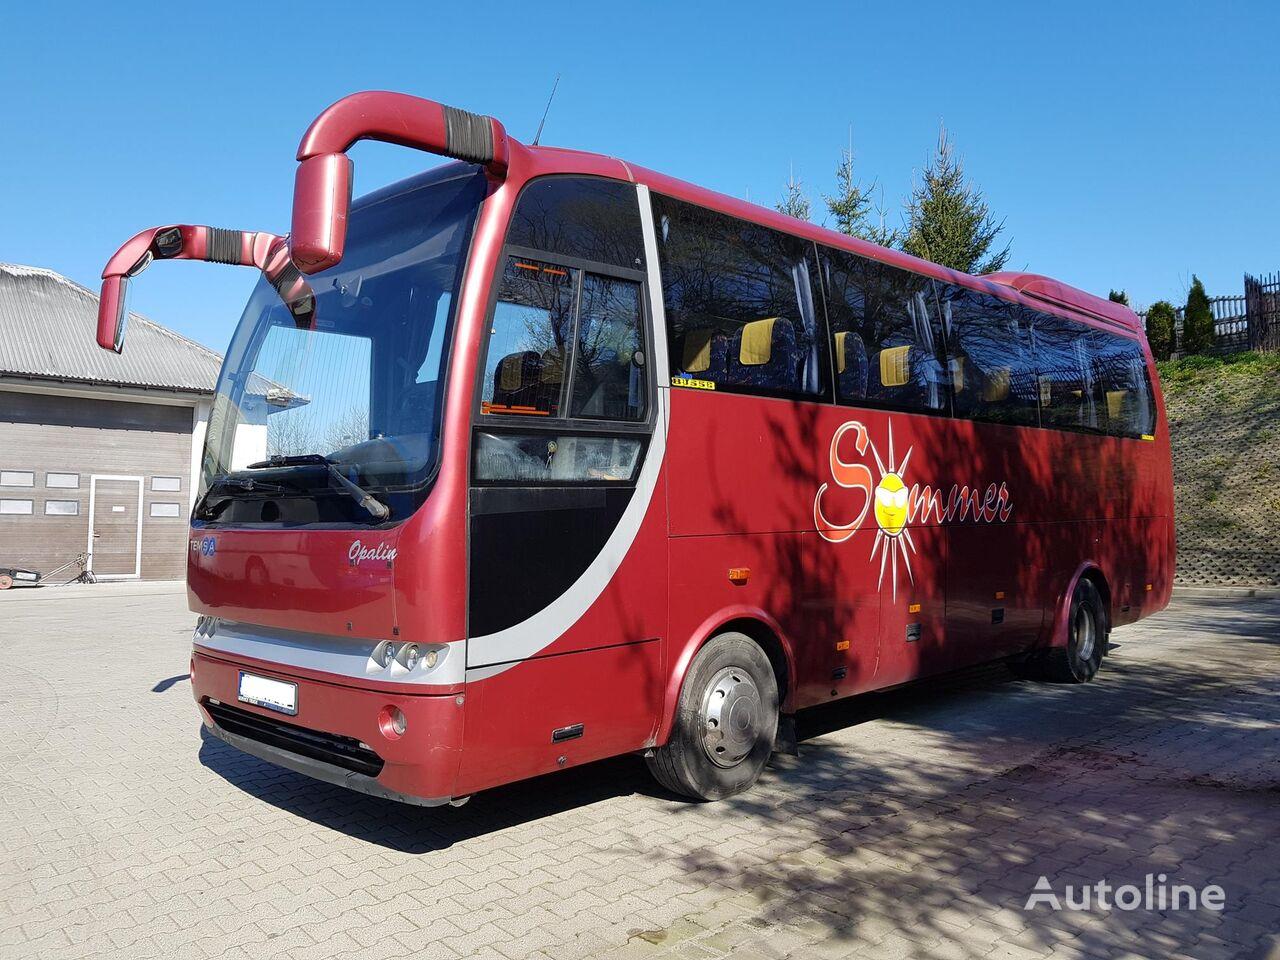 TEMSA OPALIN coach bus